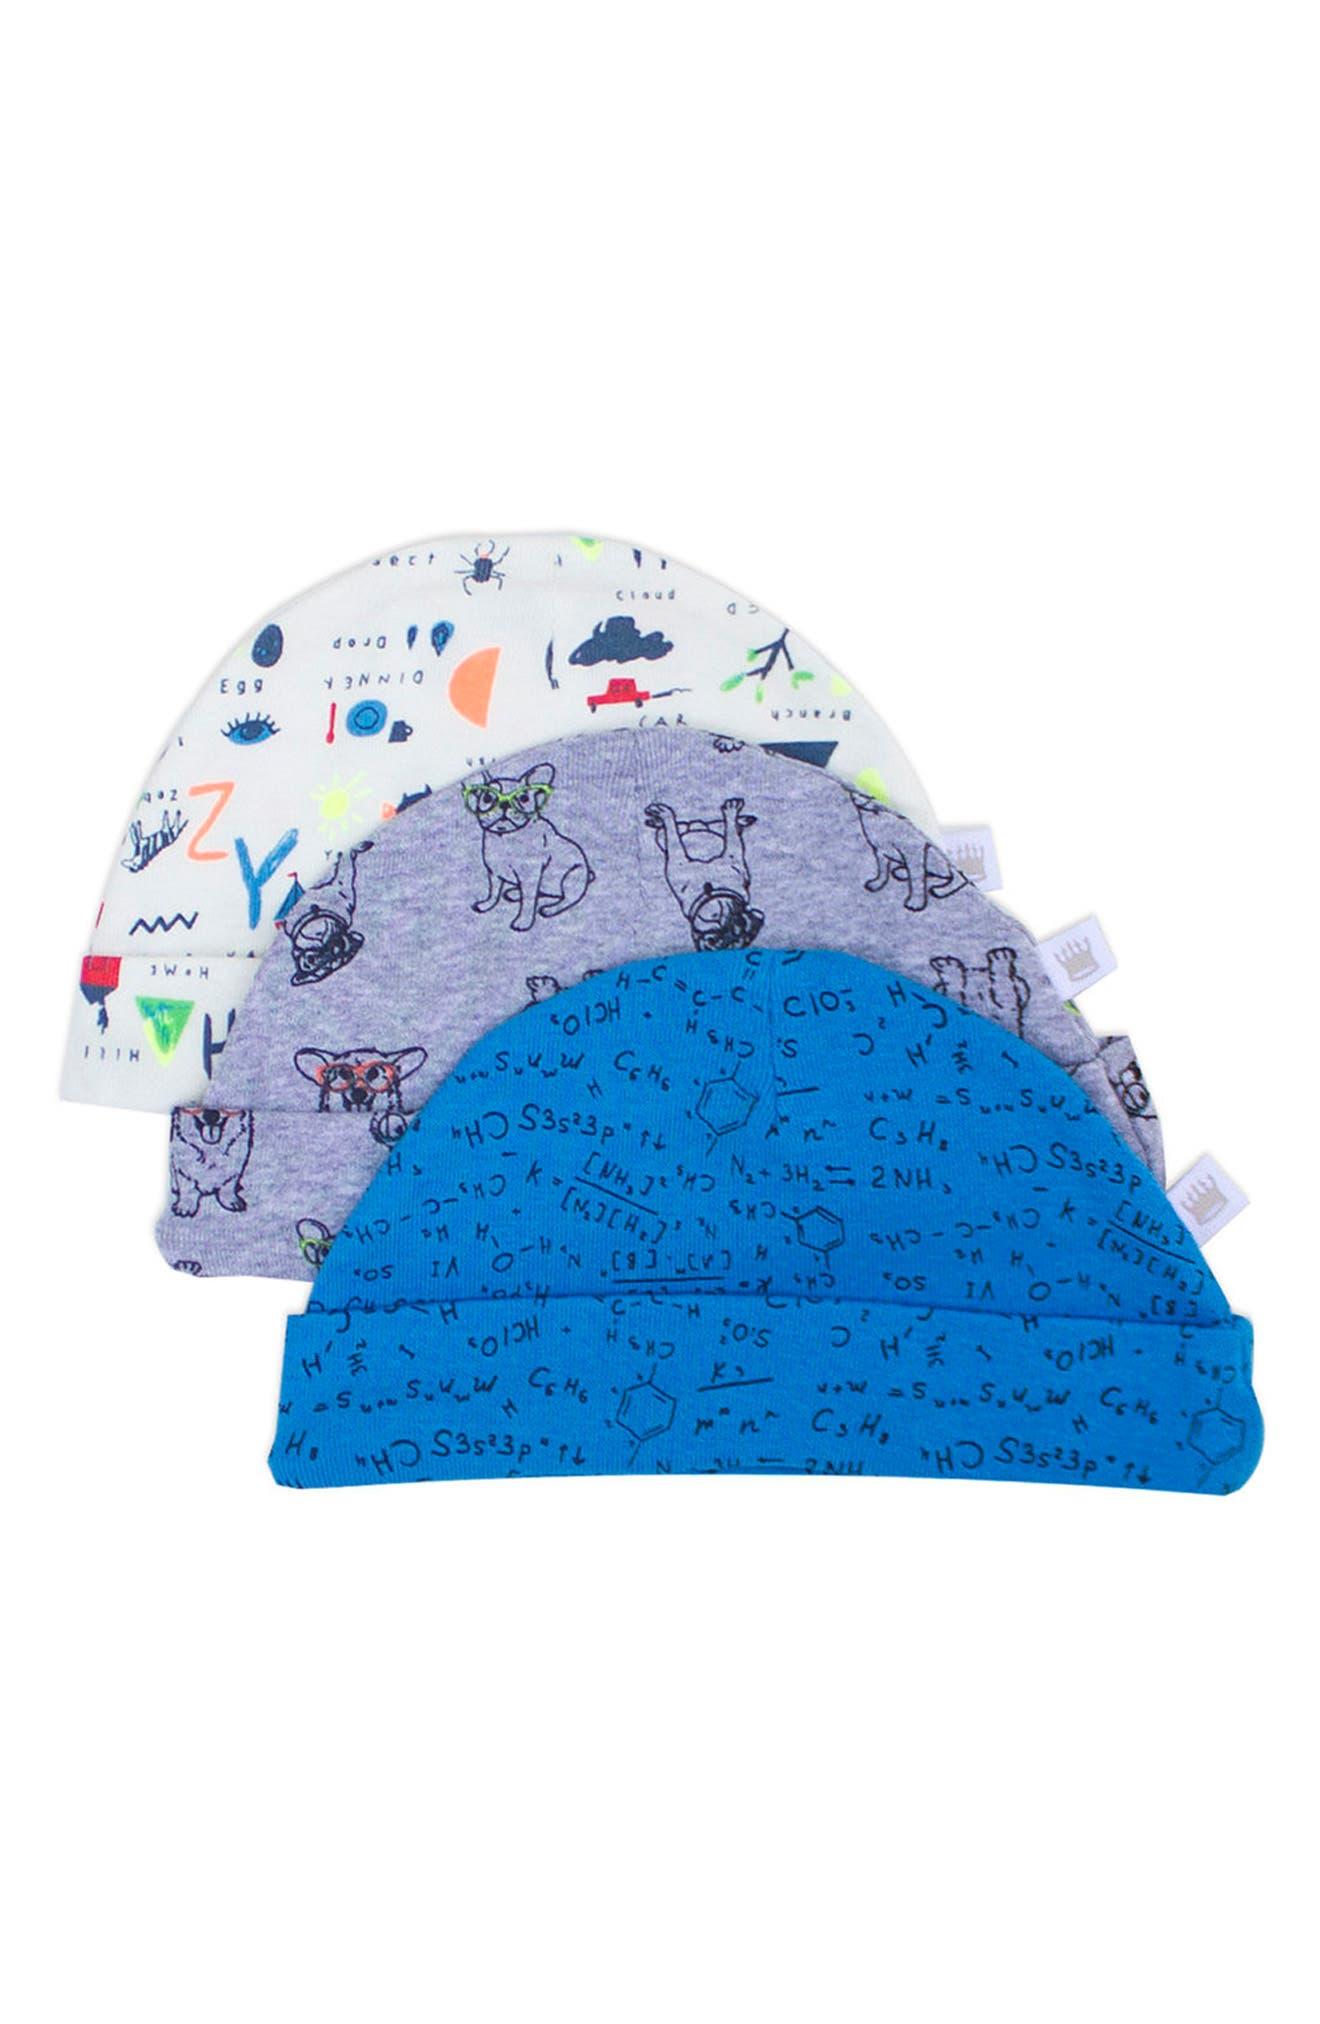 Alternate Image 1 Selected - Rosie Pope 3-Pack Nerd Alert Hats Set (Baby)